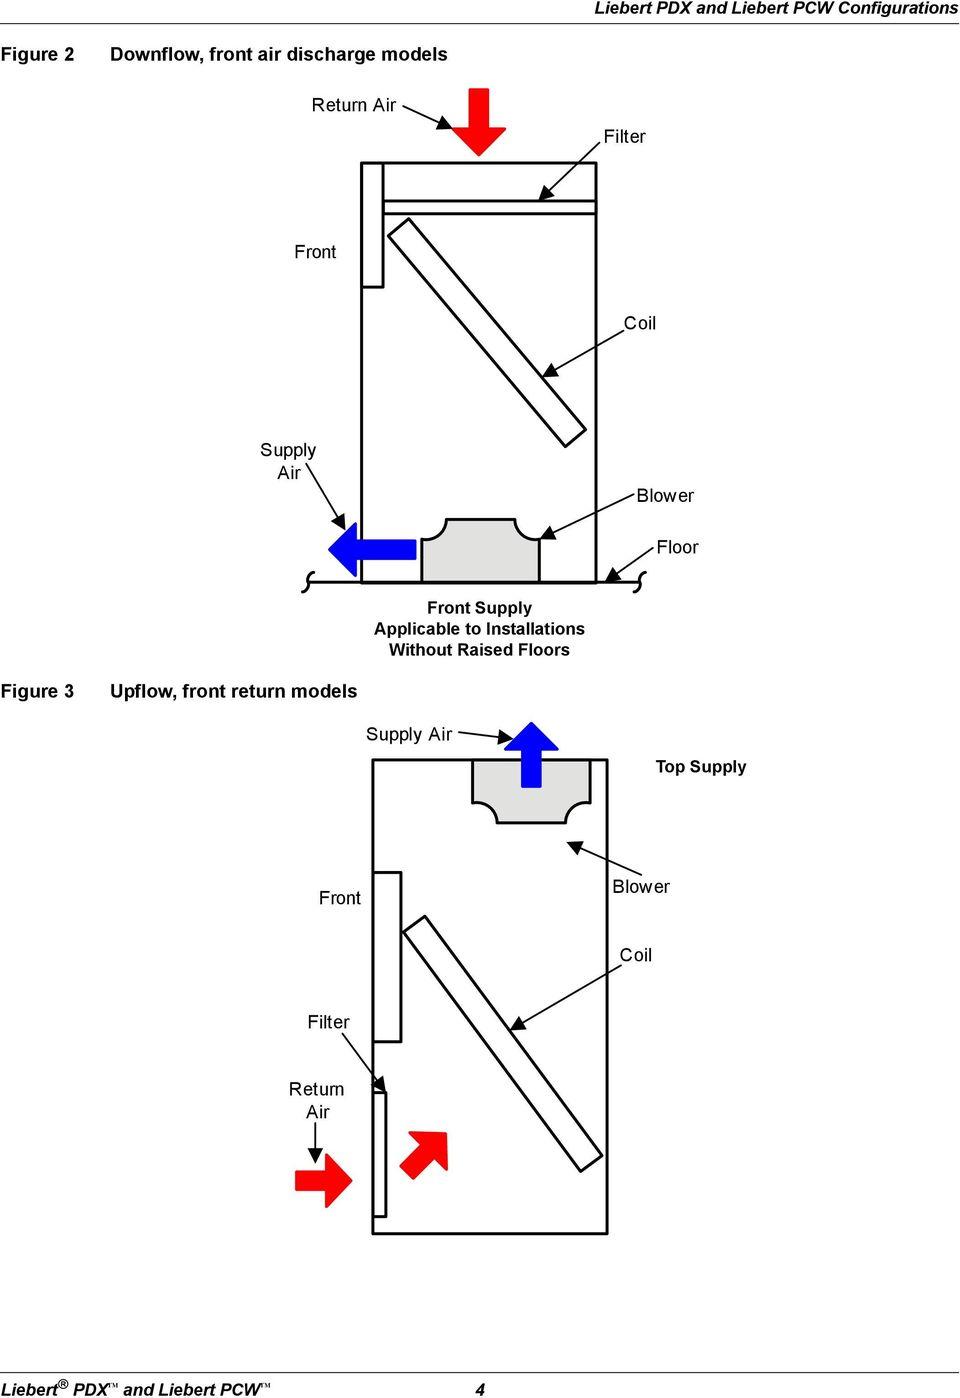 Liebert PDX and Liebert PCW Thermal Management Systems